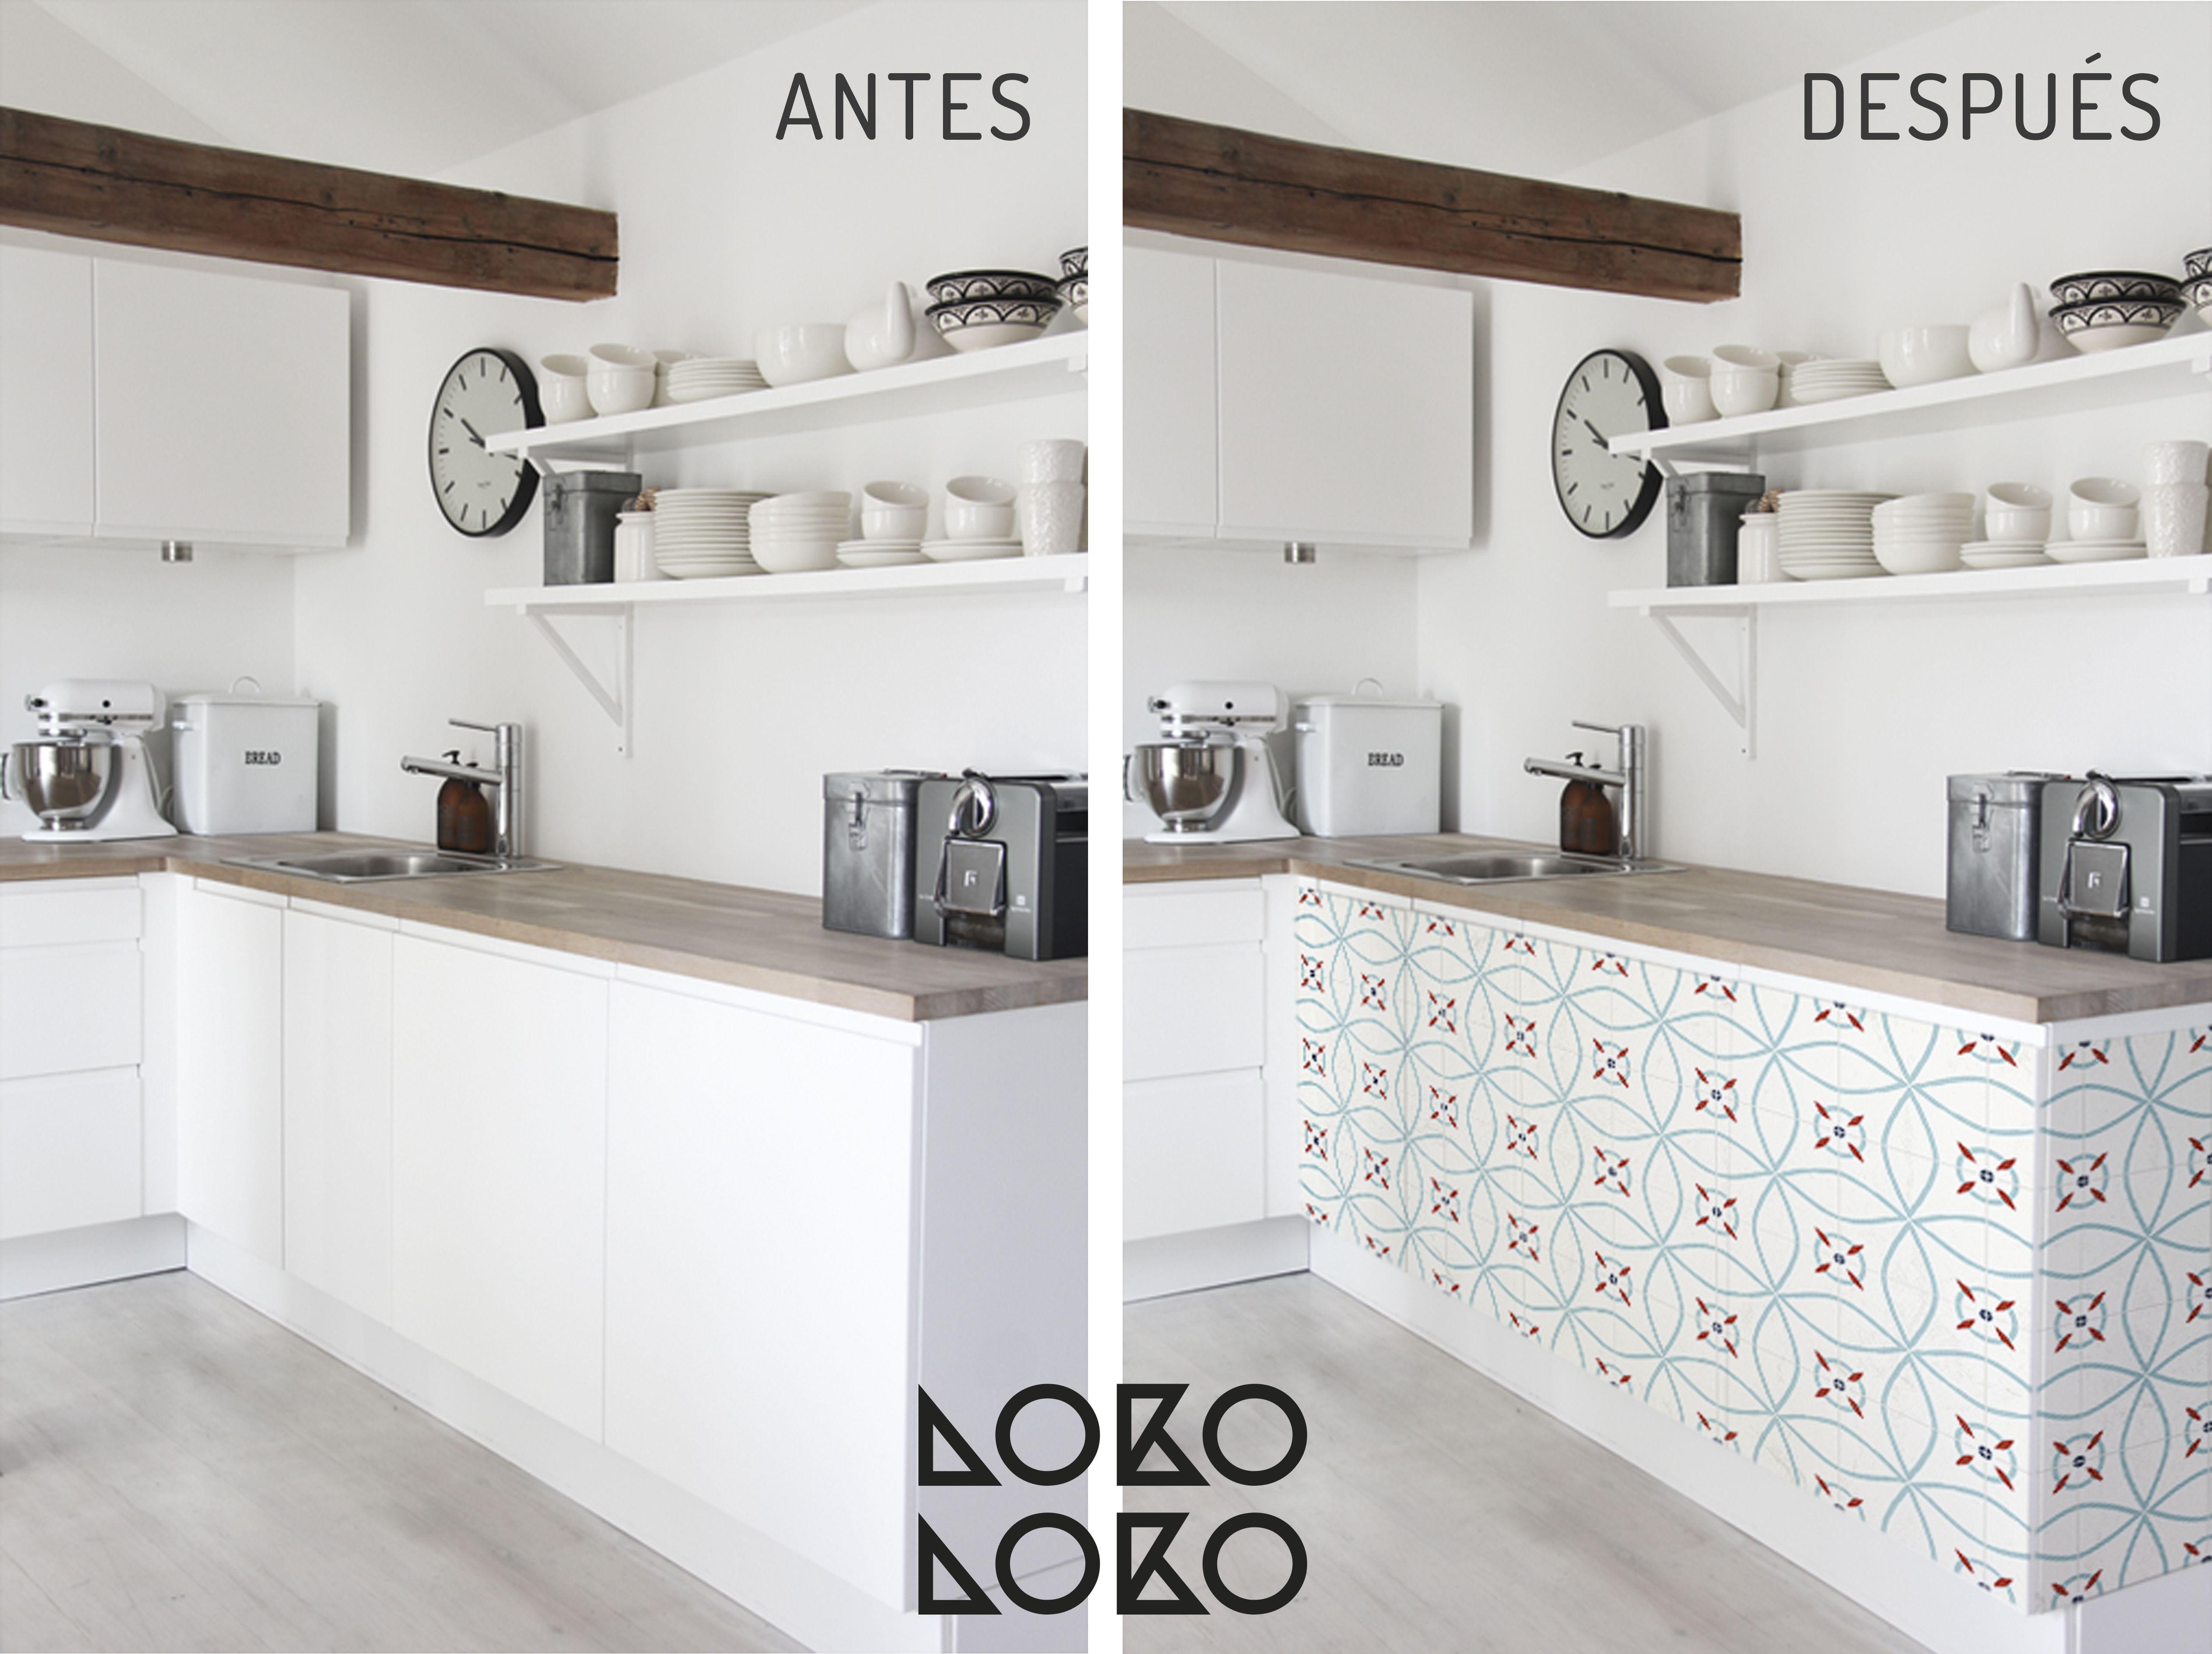 10 ideas con vinilo para transformar cocinas blancas - Cocinas con vinilo ...